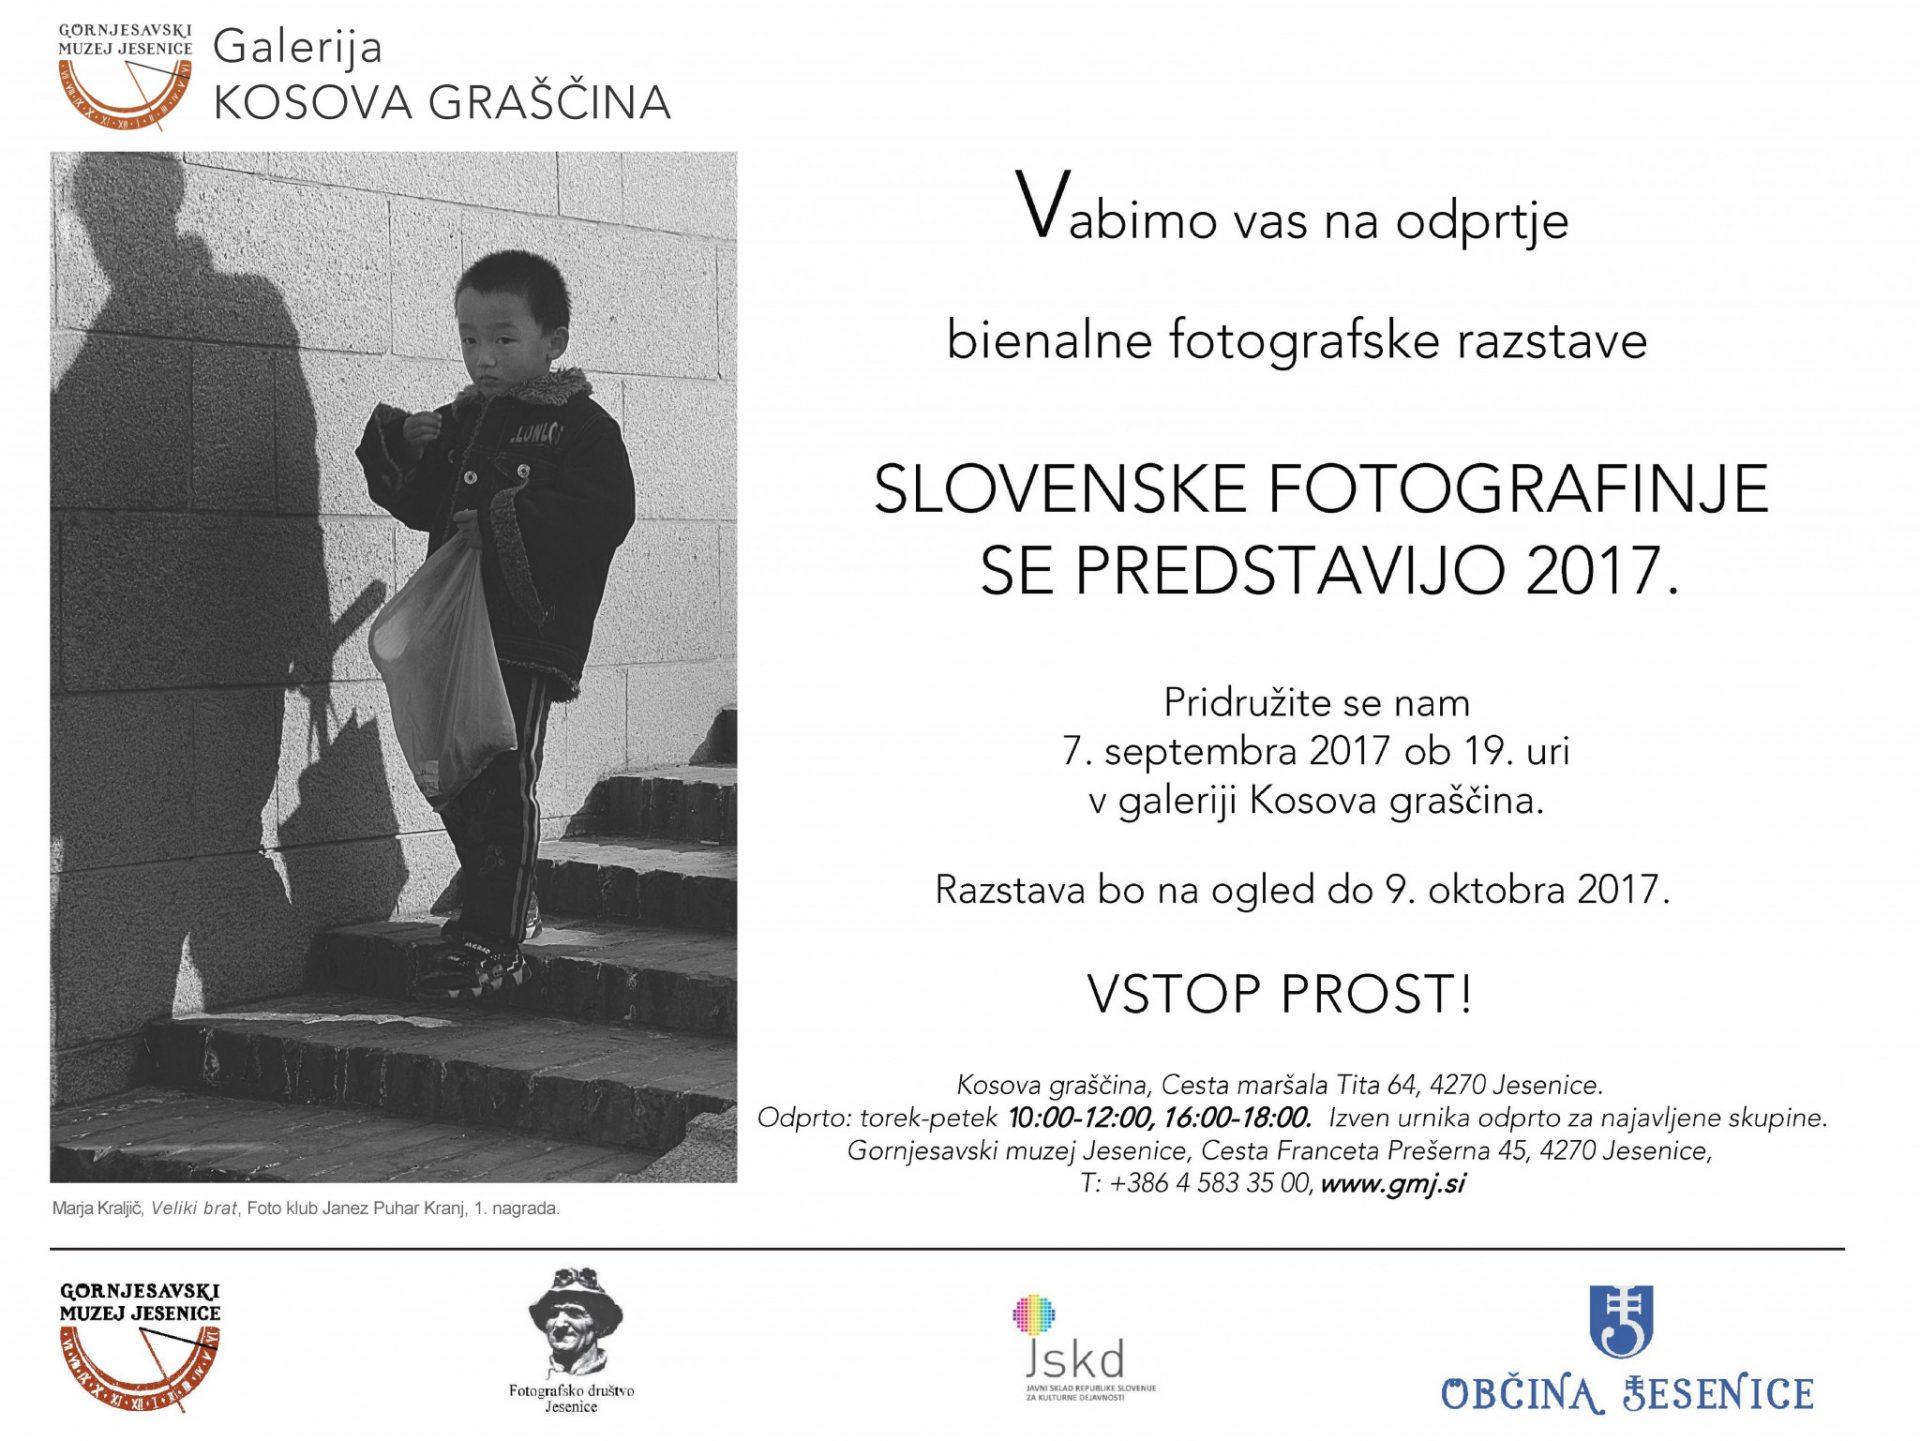 slovenske fotografinje se predstavijo 2017, Aljaž Pogačnik, Gornjesavski muzej, Jesenice, Kosova graščina